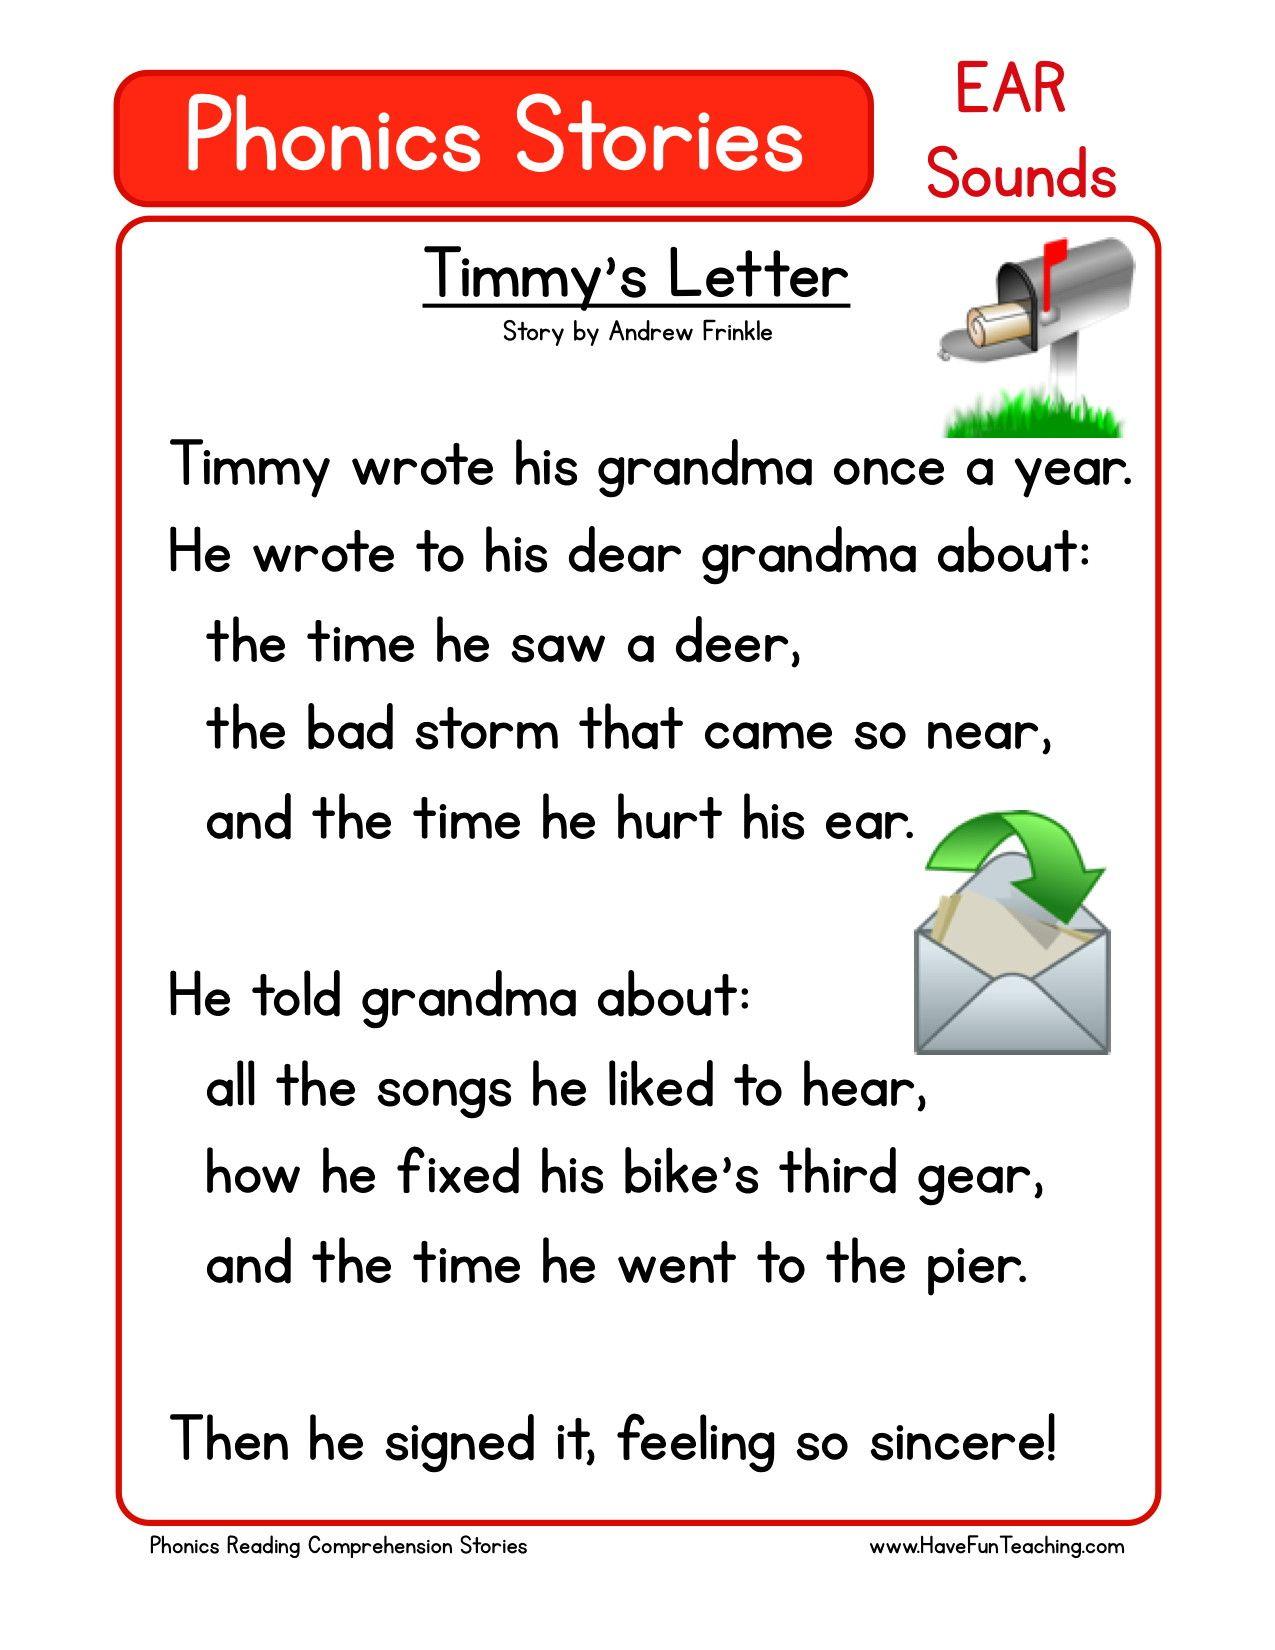 Reading Comprehension Worksheet Timmy S Letter Reading Comprehension Worksheets Reading Comprehension Reading Comprehension For Kids [ 1650 x 1275 Pixel ]